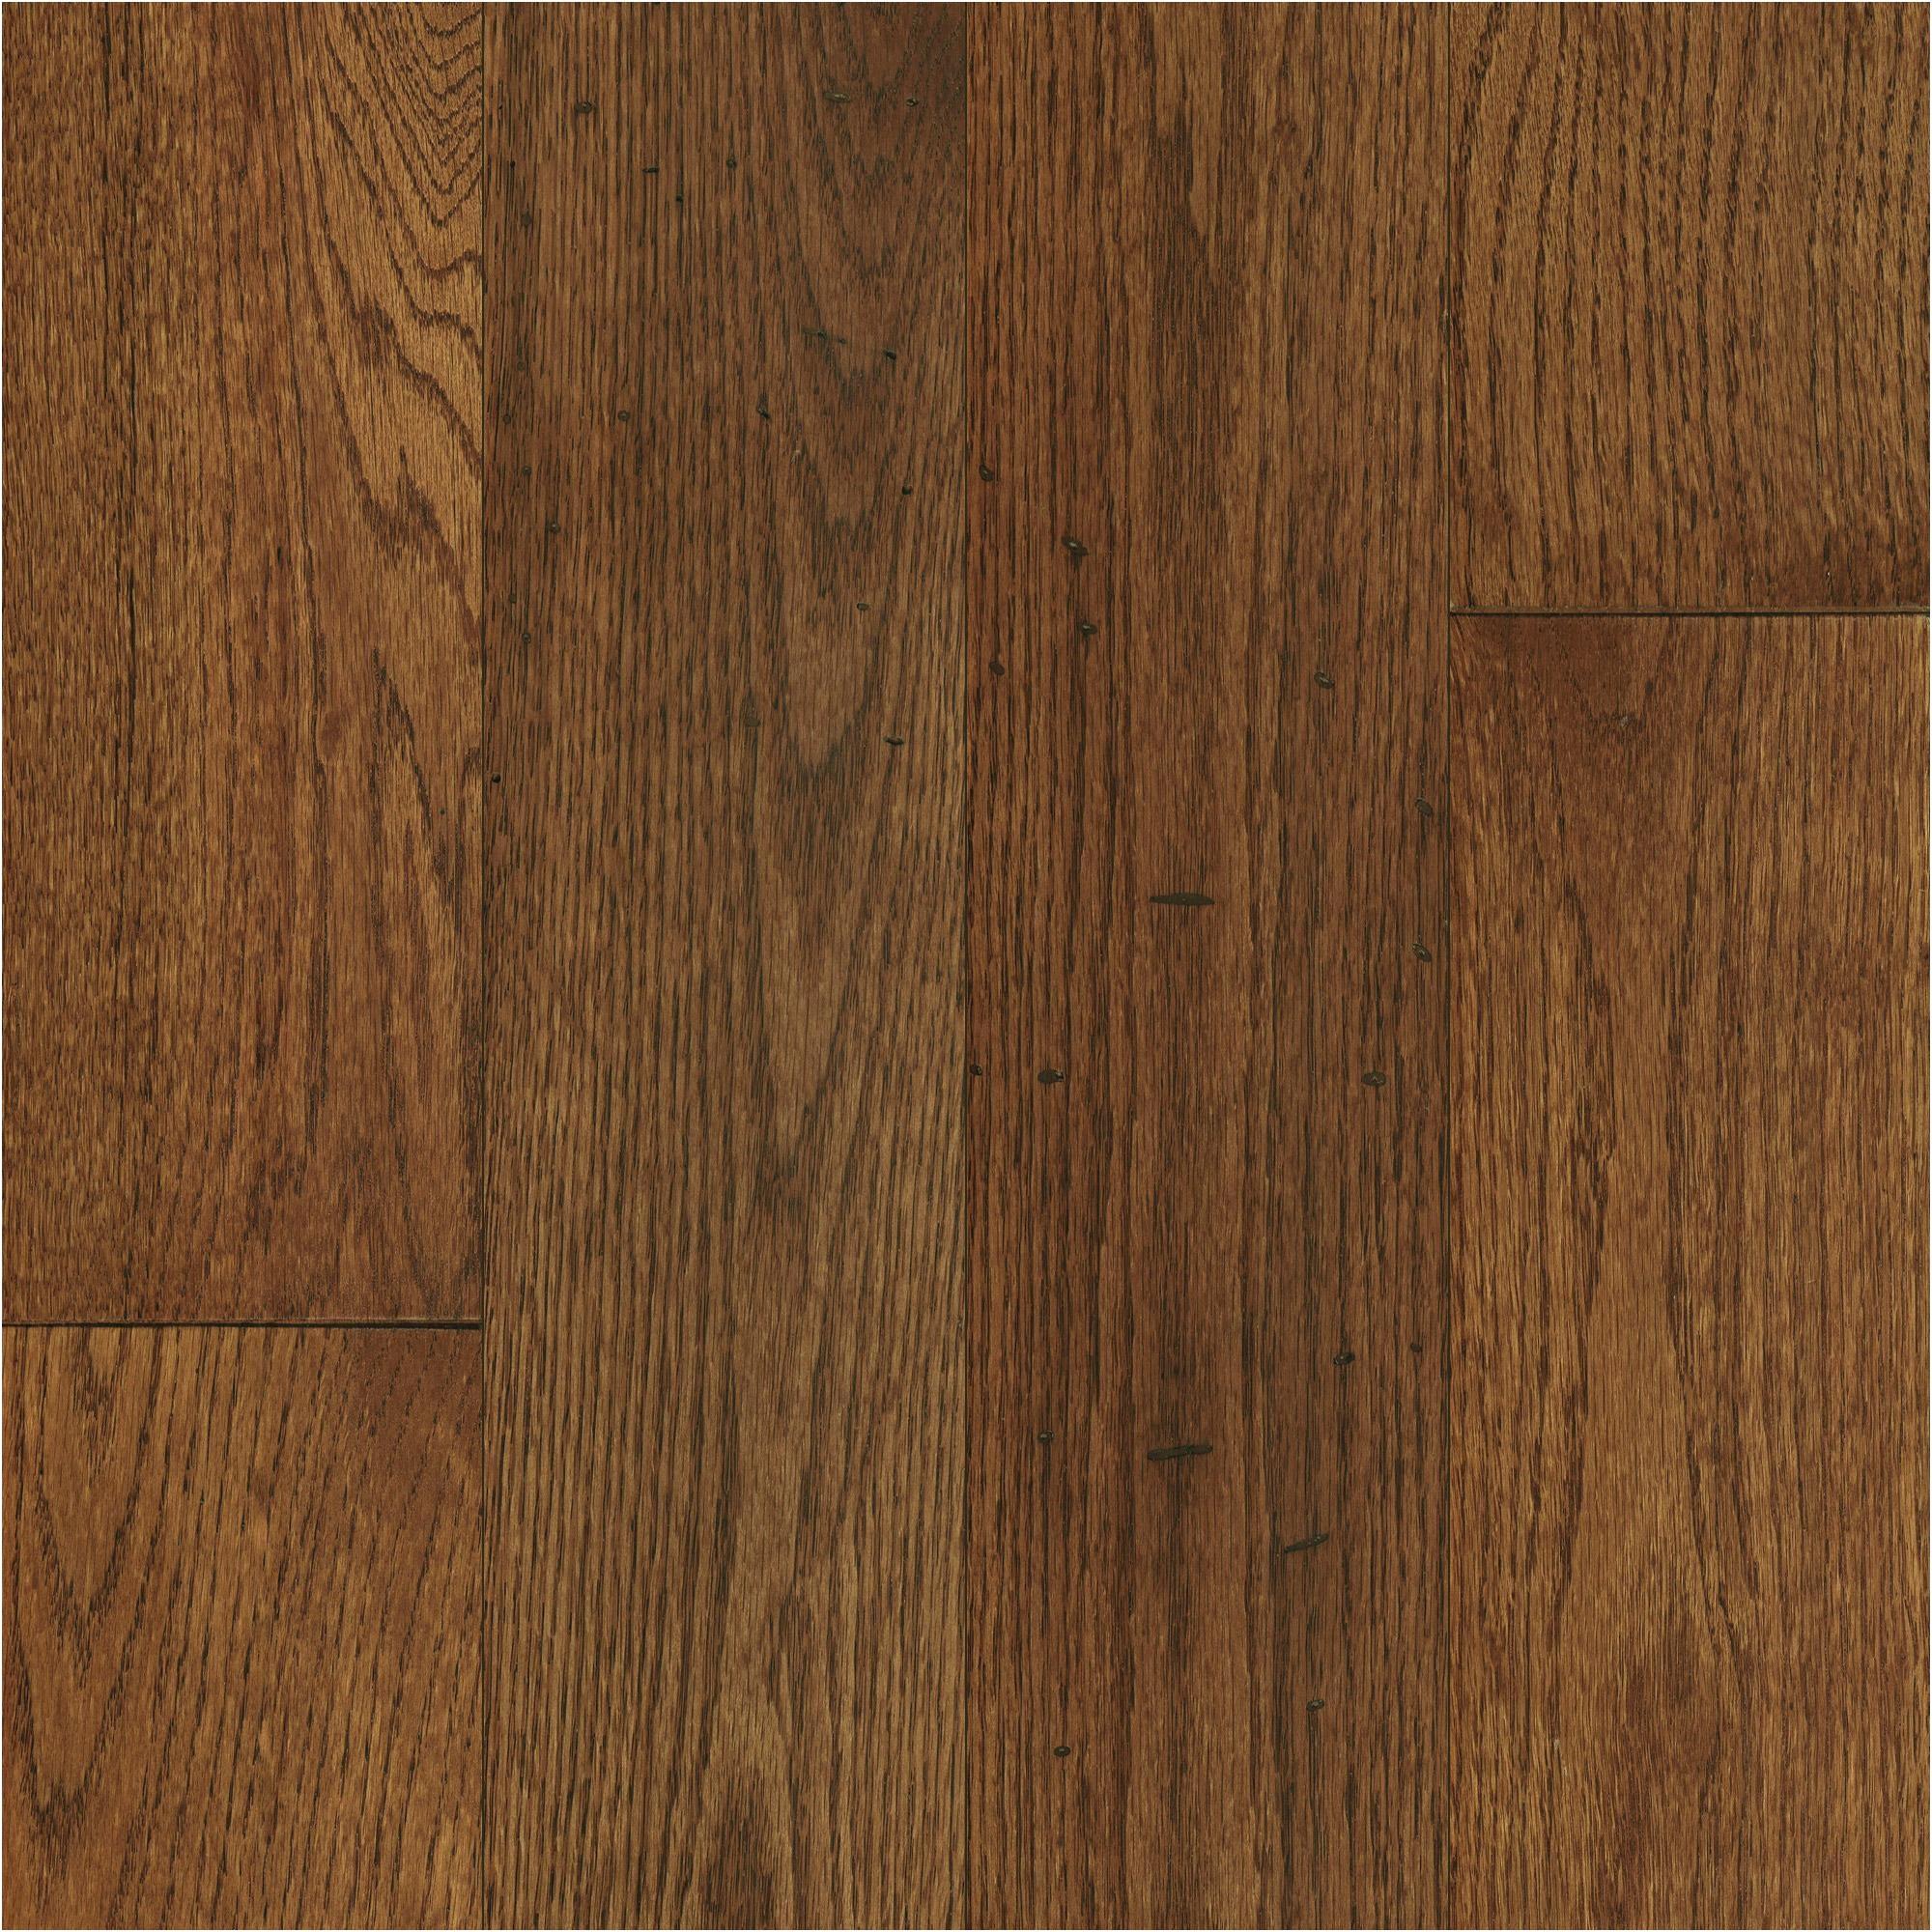 3 1 4 unfinished hardwood flooring of unfinished hardwood flooring for sale flooring design regarding unfinished hardwood flooring for sale lovely hardwood floor design wood floor installation cost hardwood of unfinished